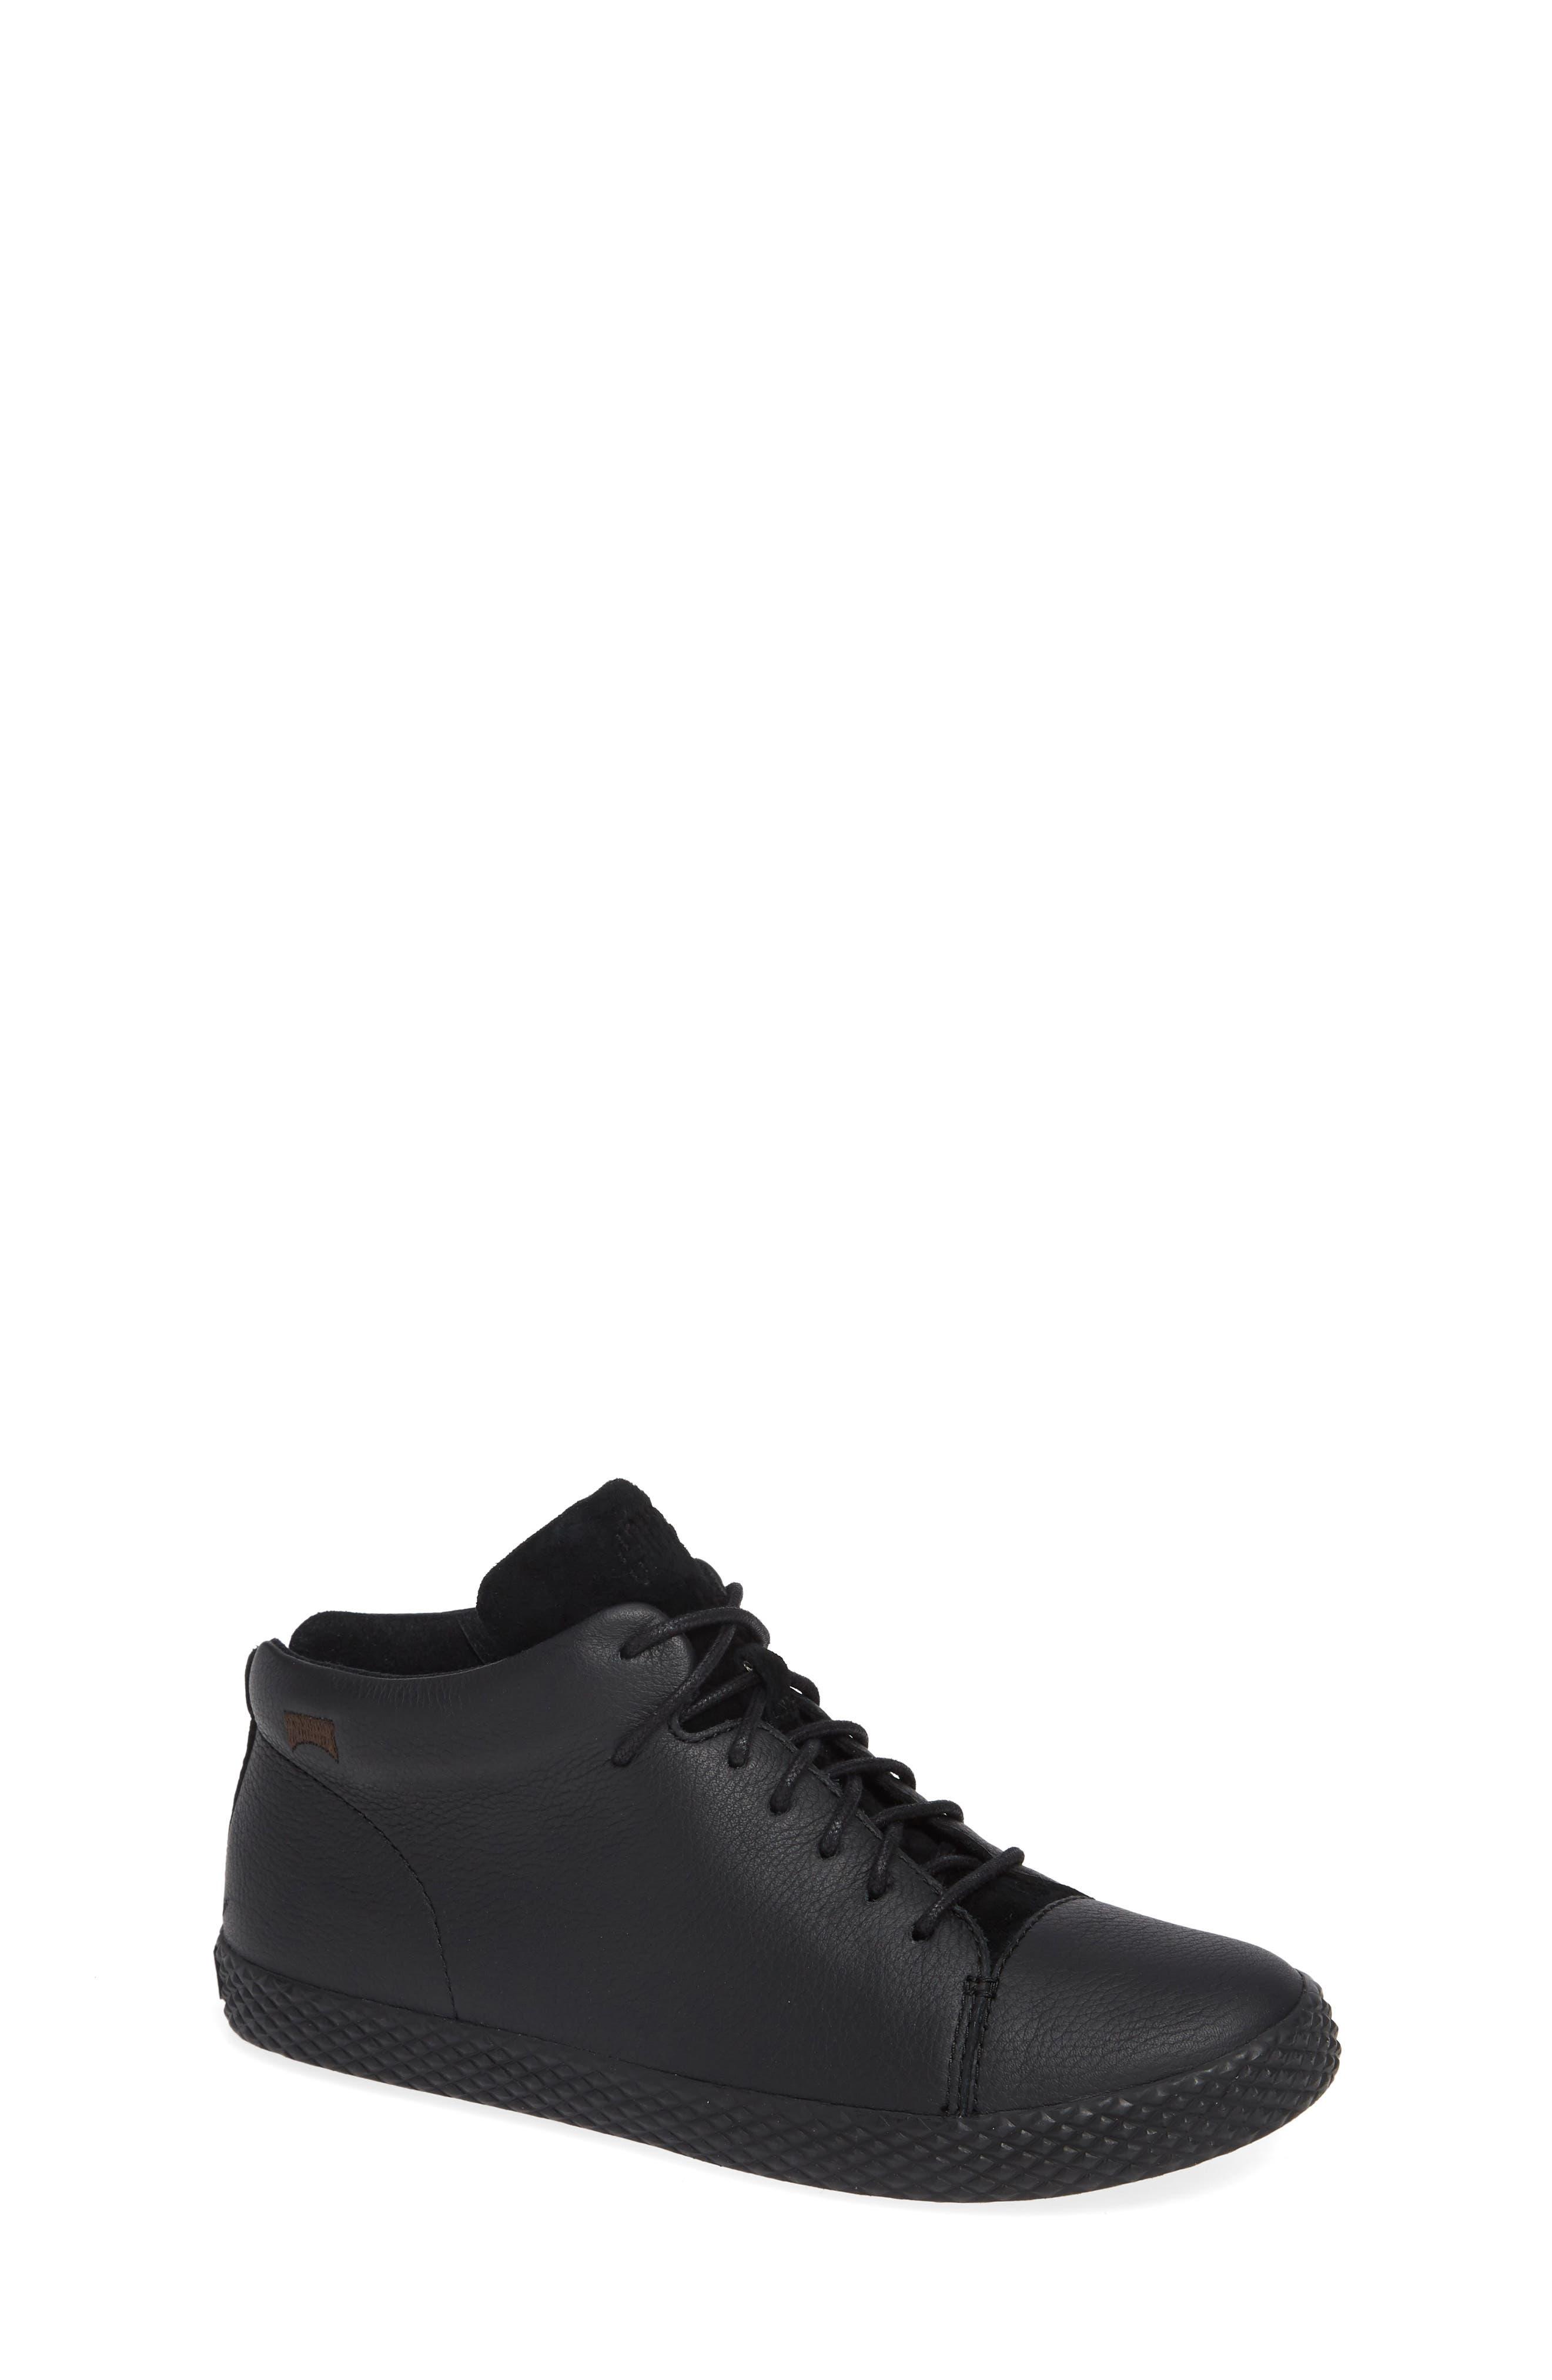 Pursuit Sneaker,                         Main,                         color, BLACK